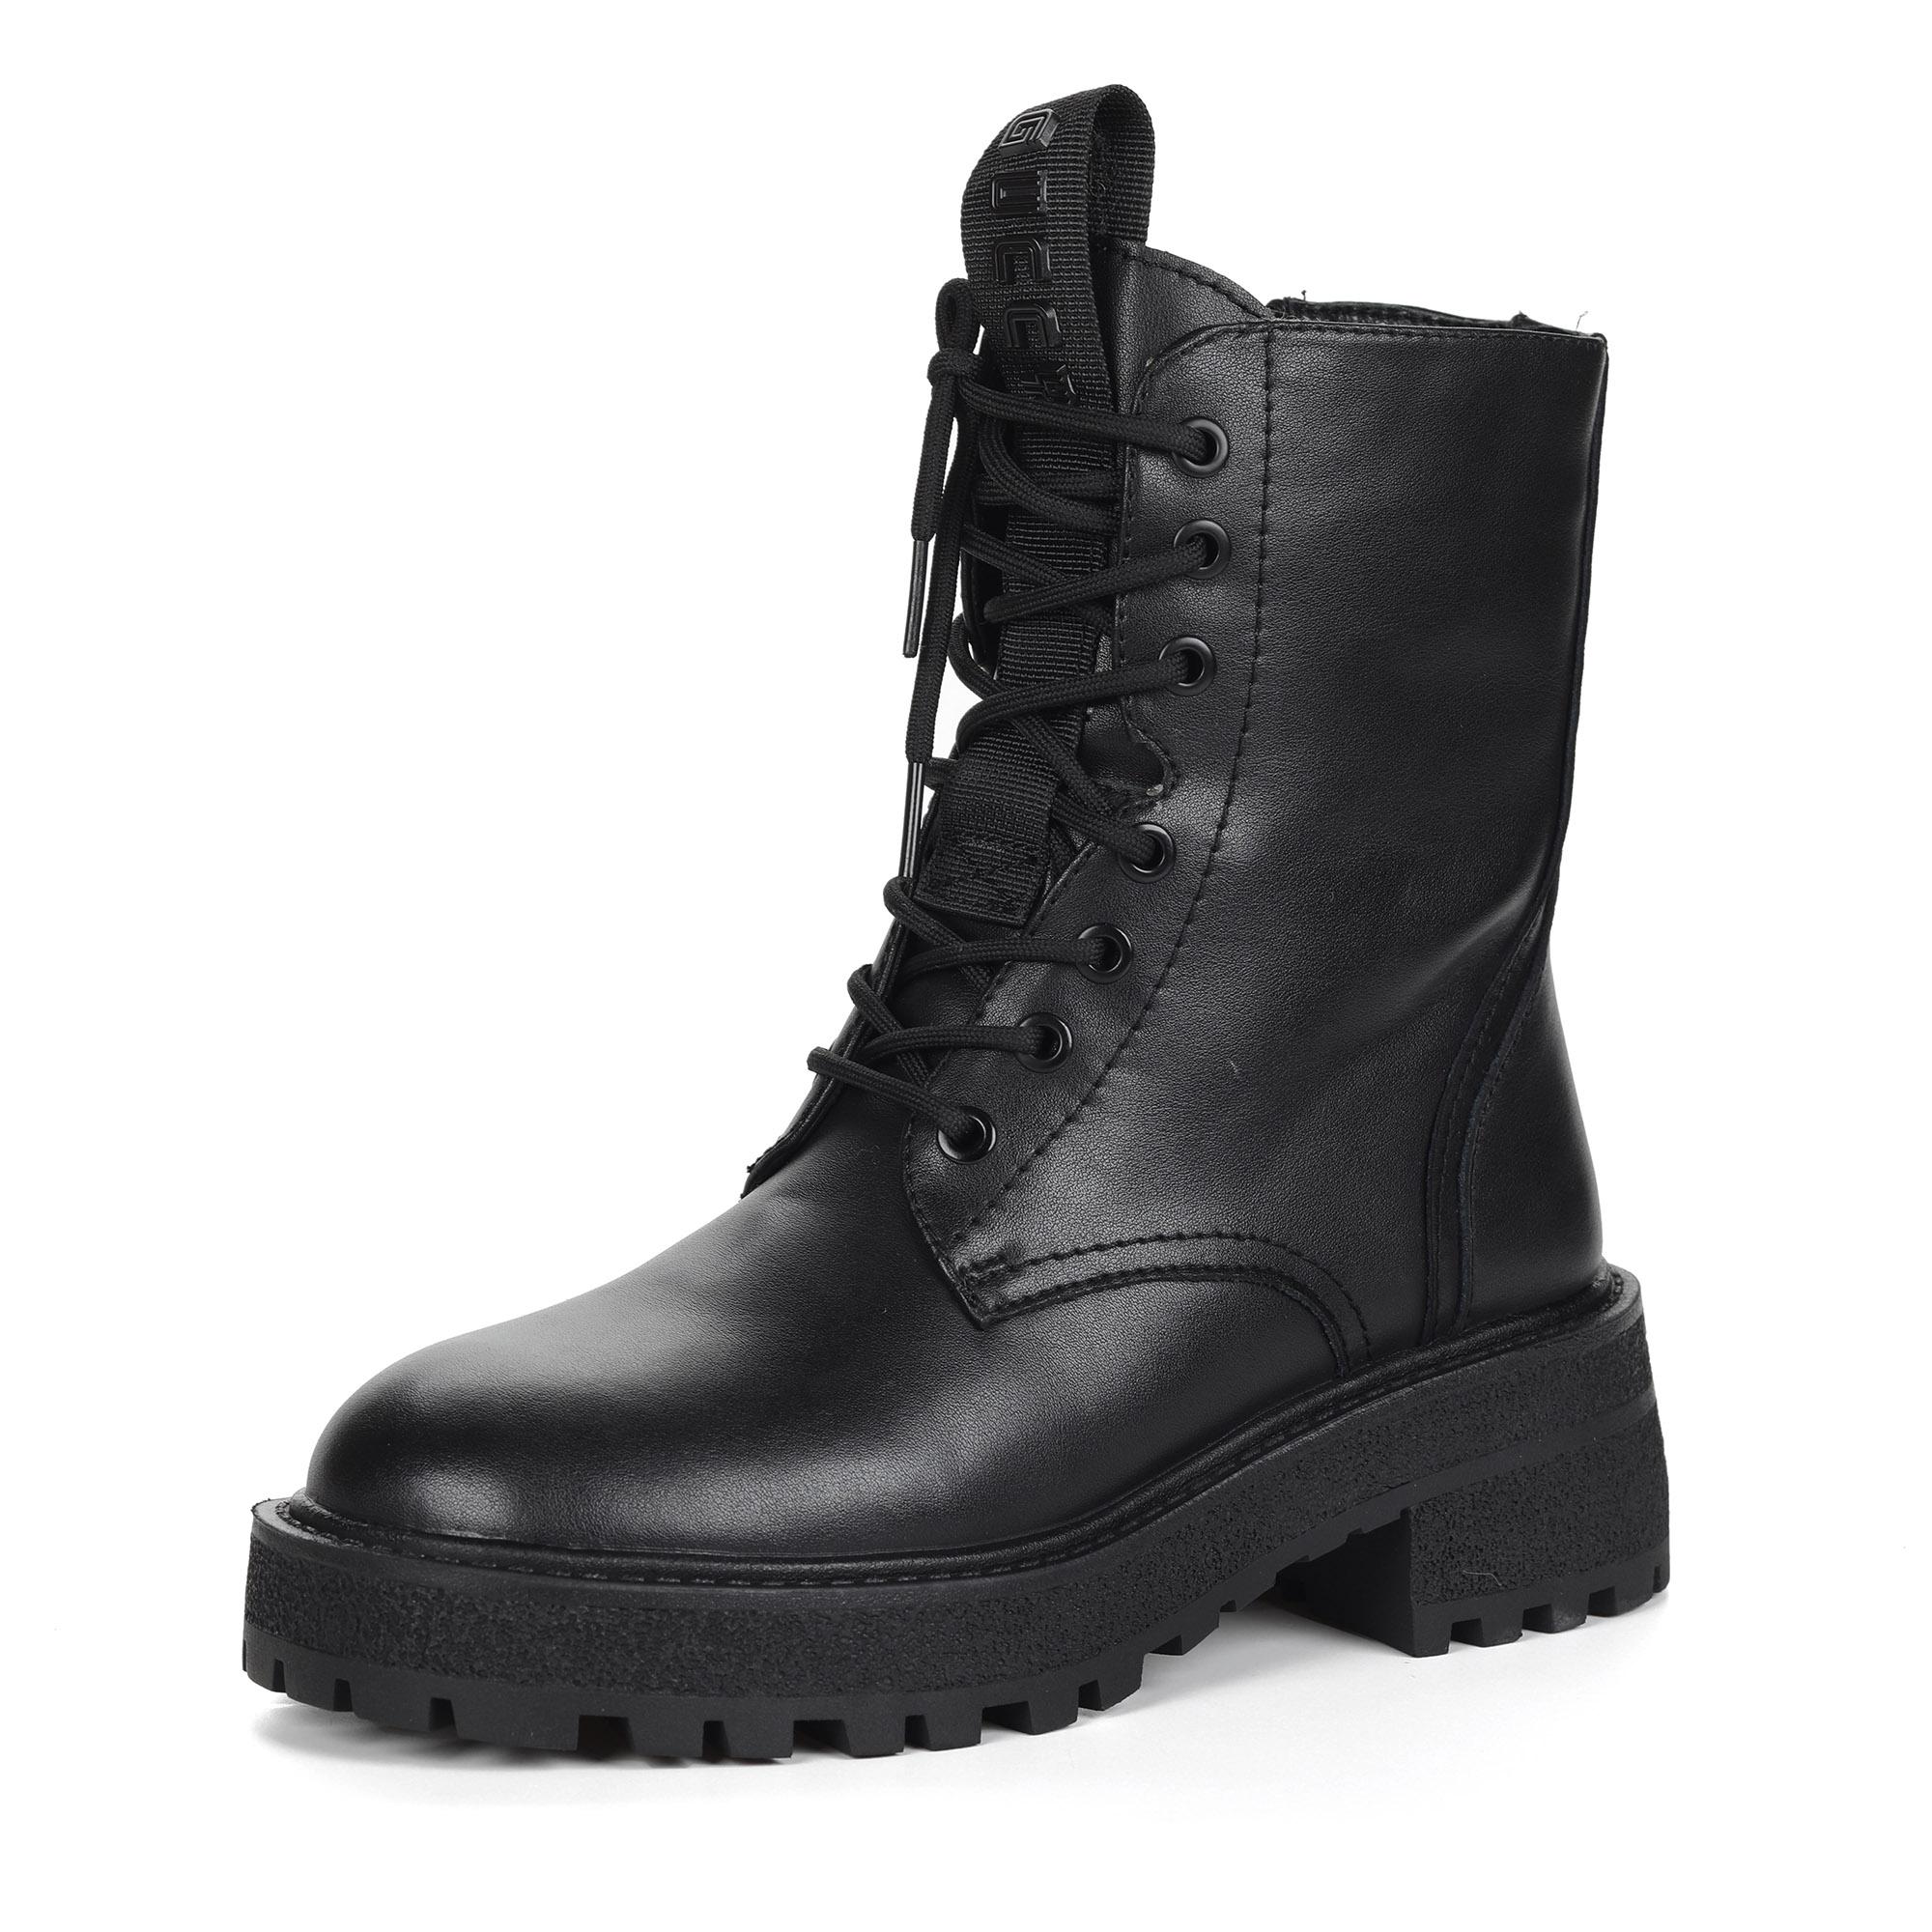 Черные ботинки из кожи на утолщенной подошве на подкладке из натуральной шерсти на шнуровке